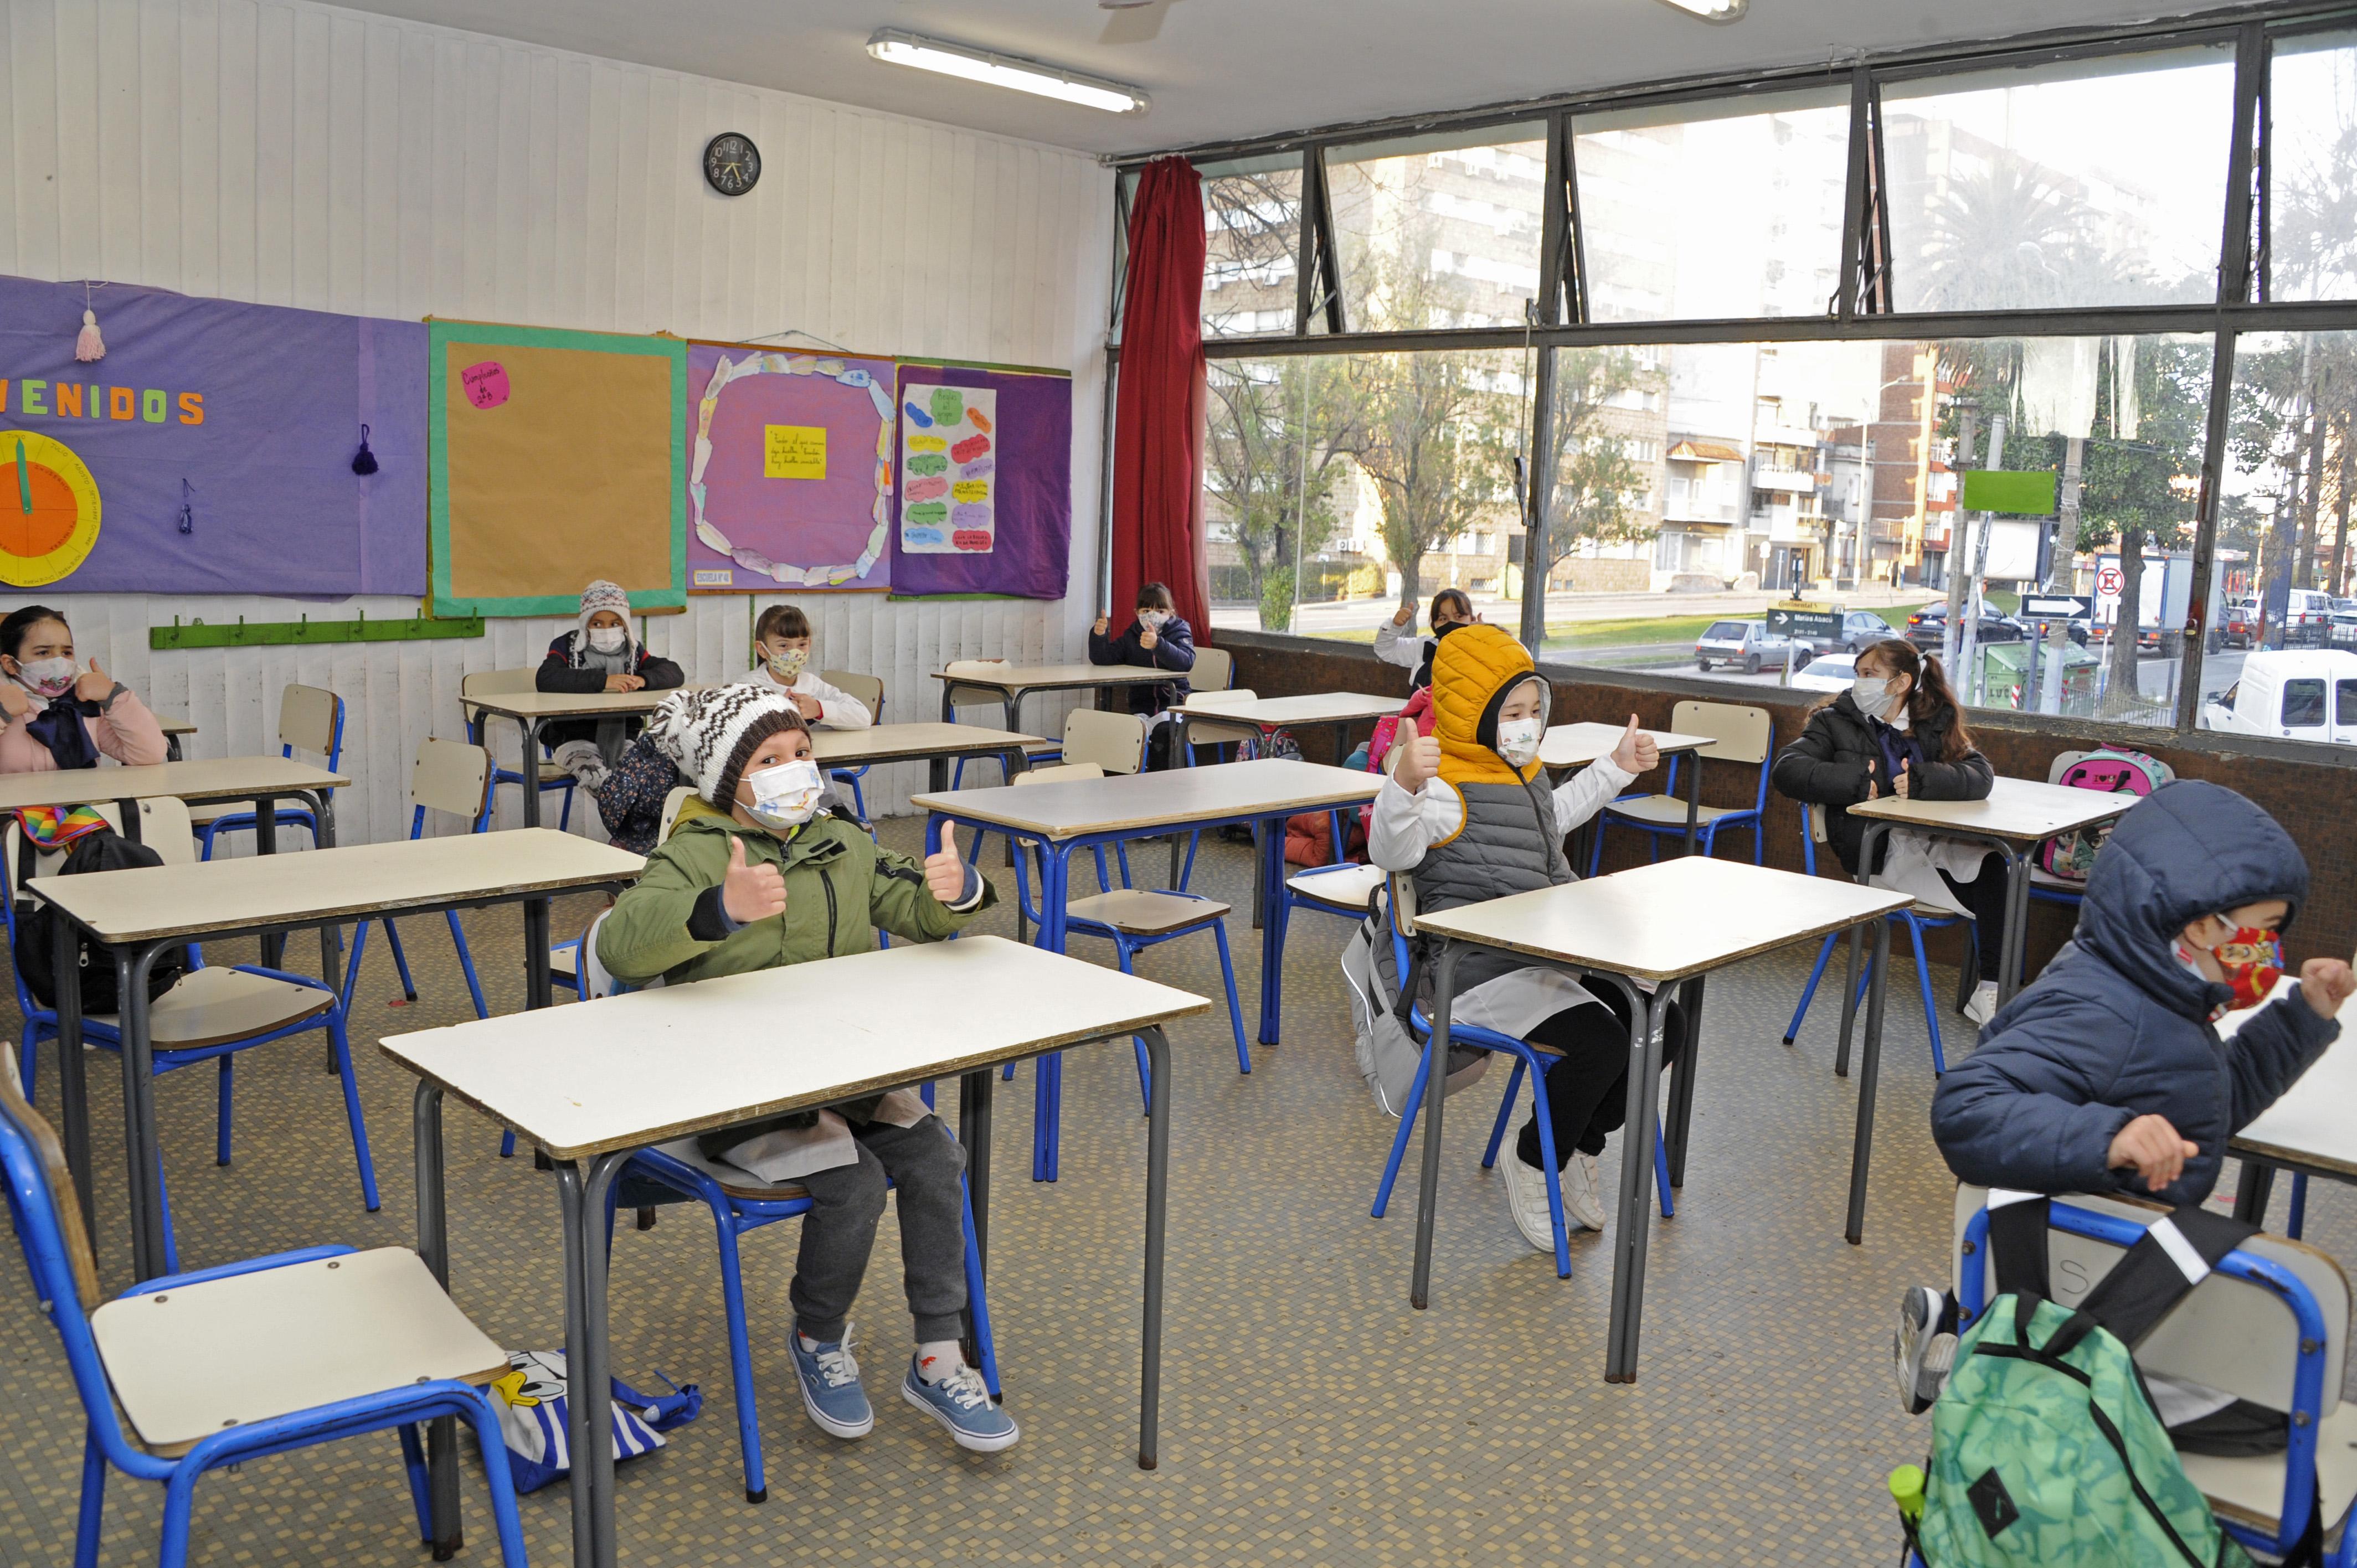 Retorno a las clases presenciales de alumnos de 1.º, 2.º y 3.er año en la escuela n.° 13